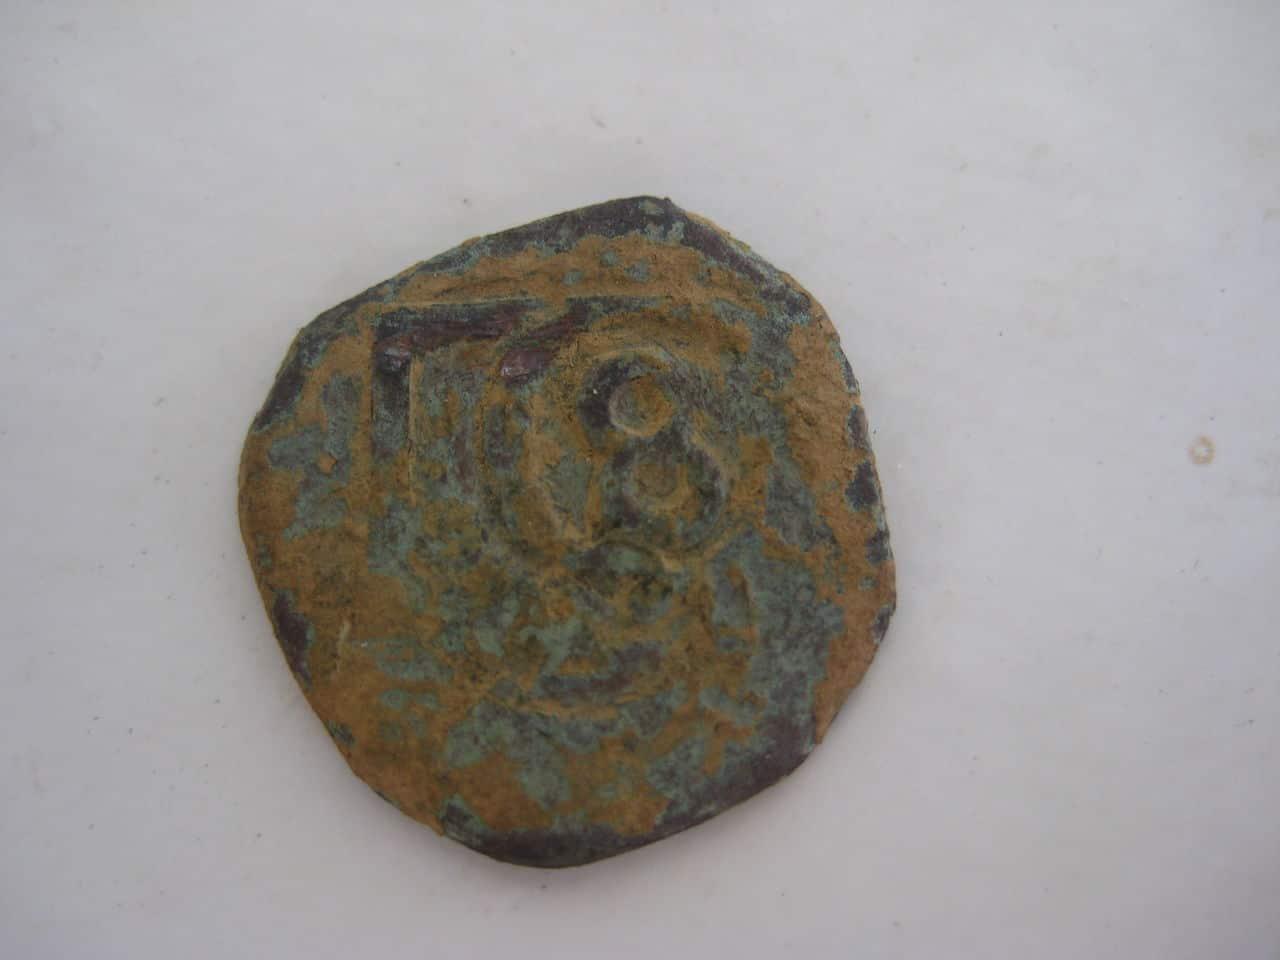 VIII maravedís de Felipe III ó IV resellado a VIII 1641-2, resellado a 8 1651-2 IMG_1101